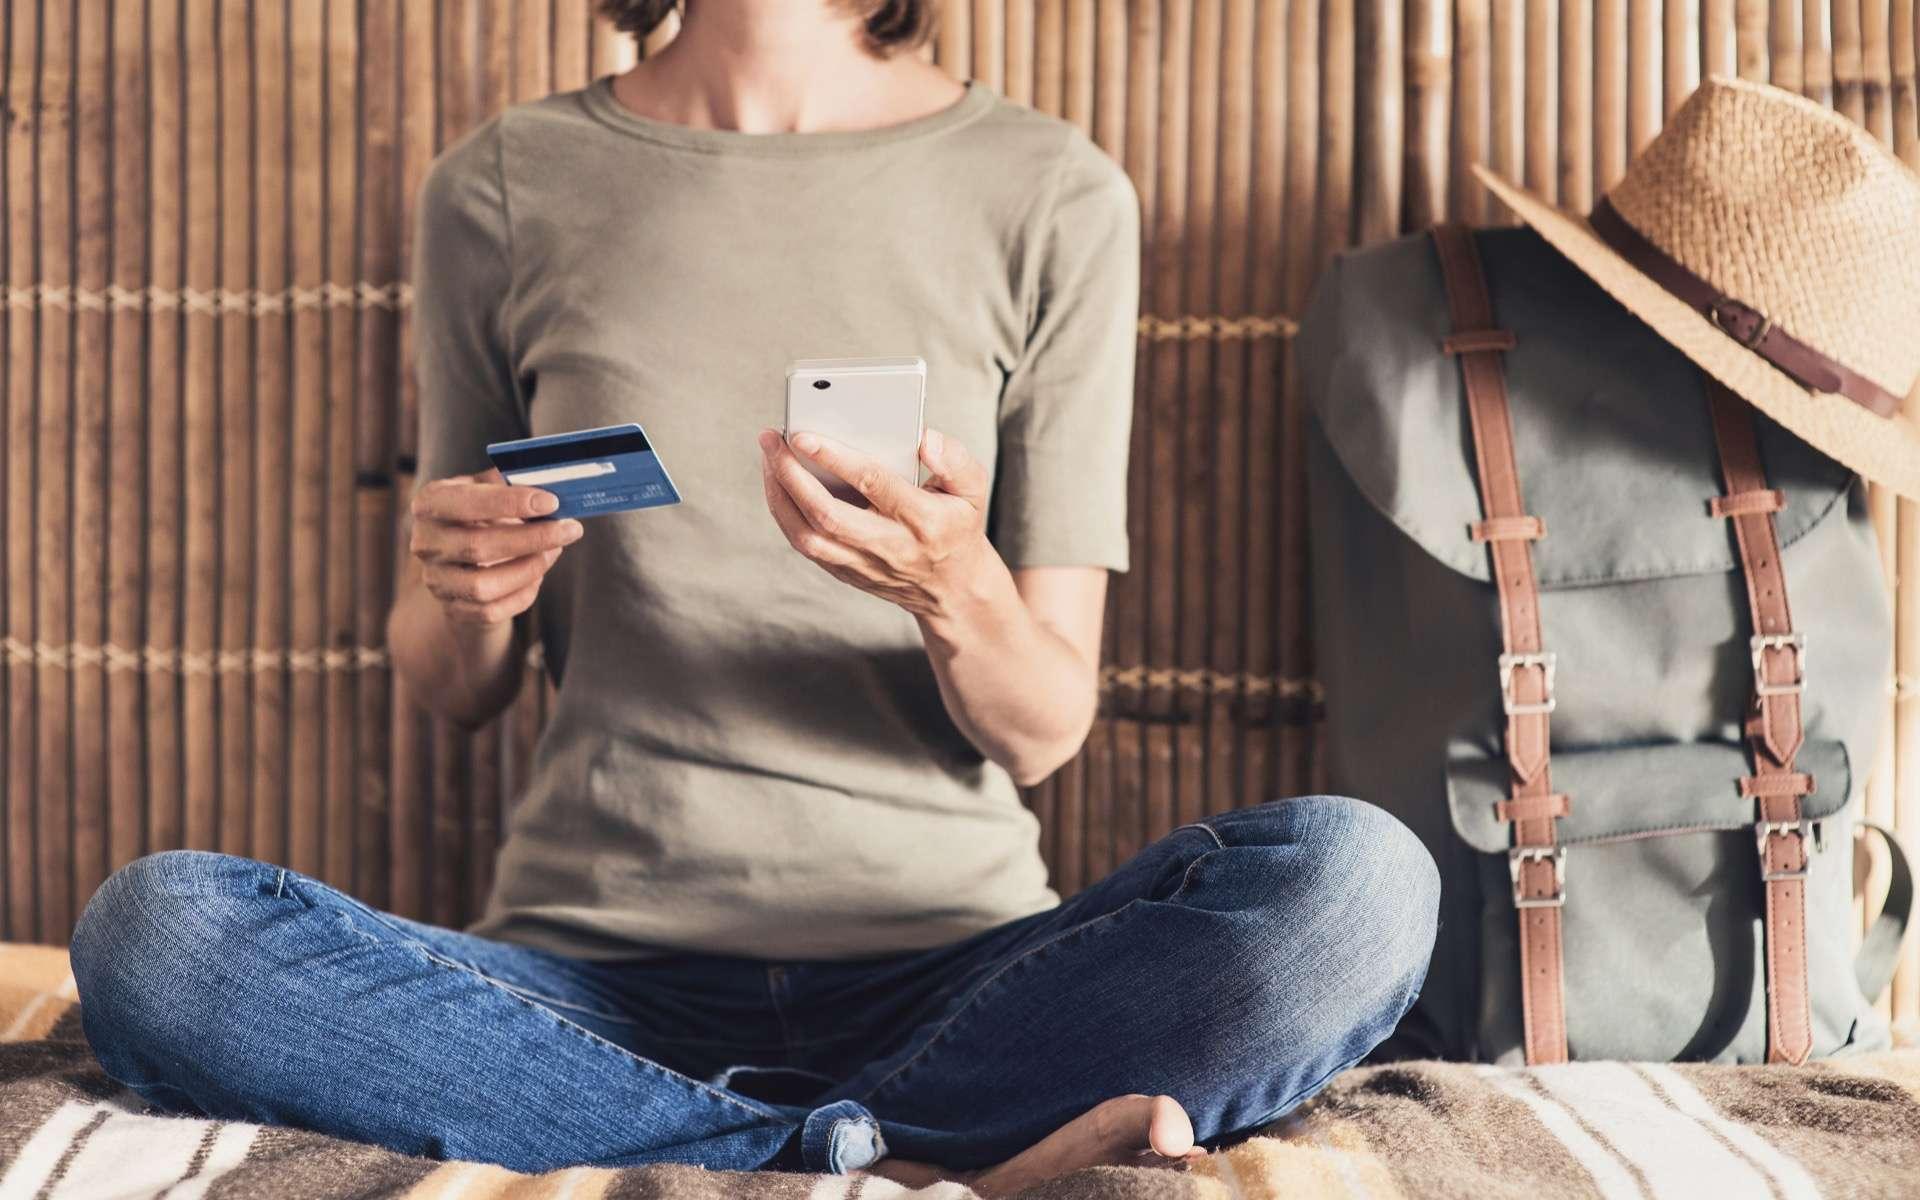 Sans quitter Facebook ou Messenger, il sera possible désormais d'acheter des produits ou de transférer de l'argent à un proche. © kite_rin, Adobe Stock